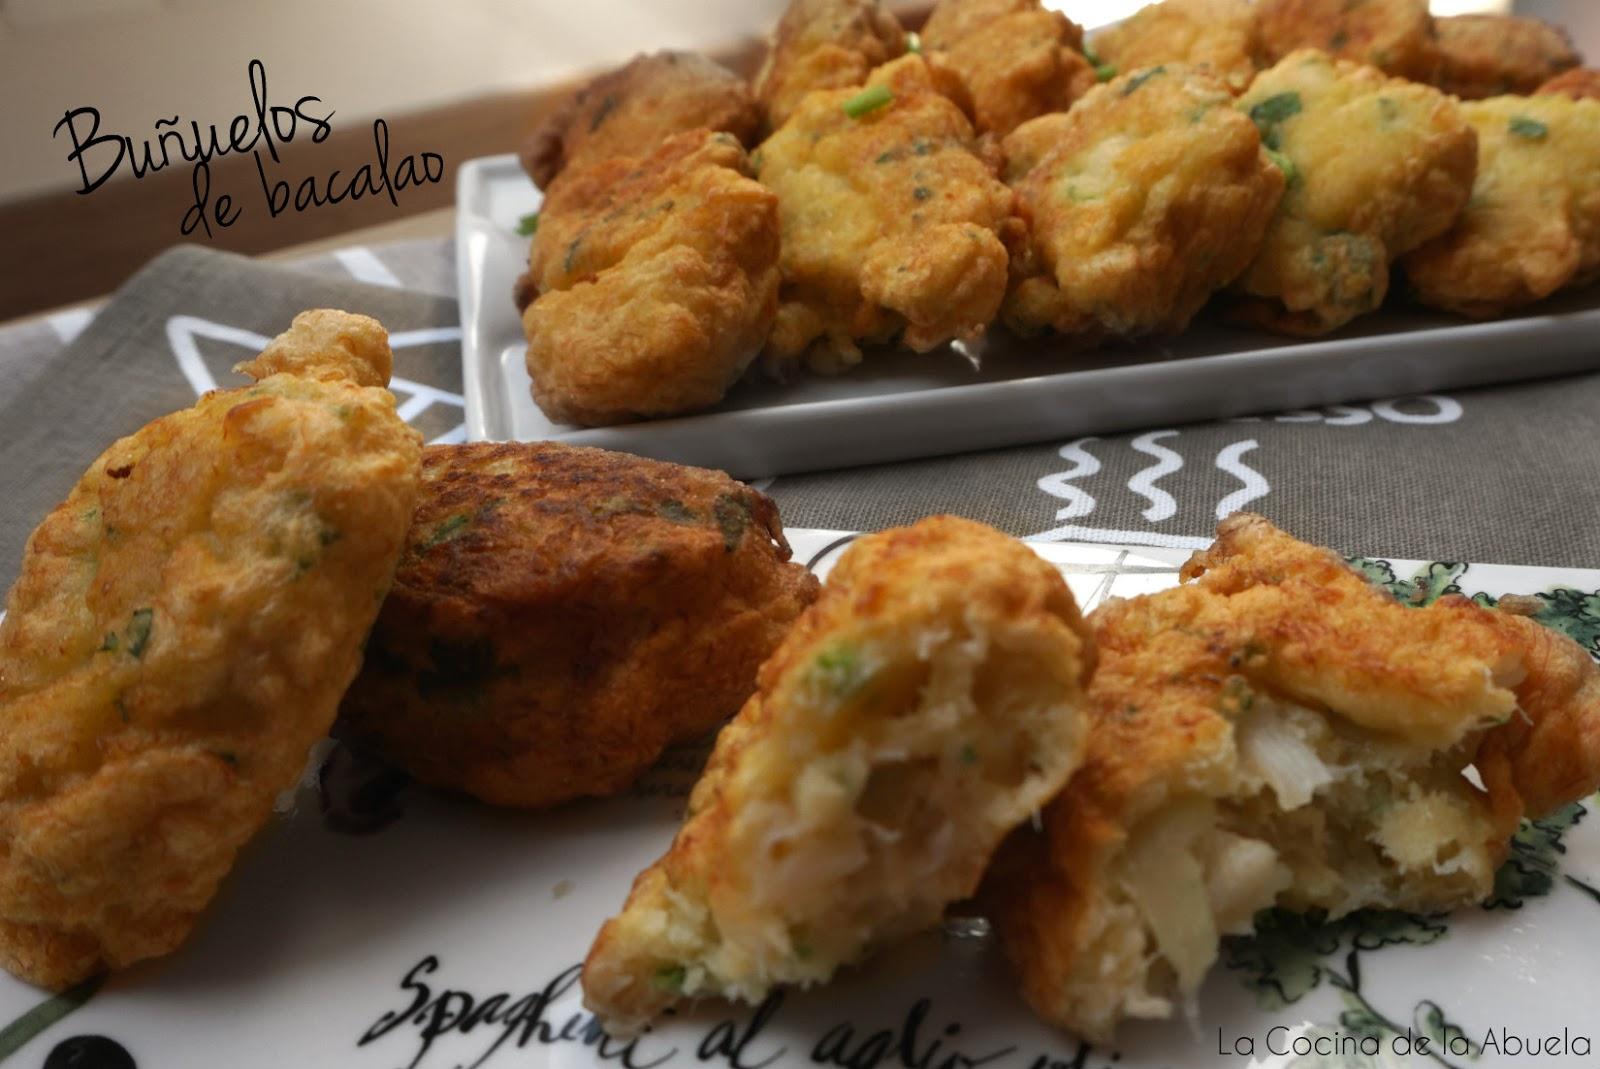 Bu uelos de bacalao la cocina de la abuela - Cocina casera de la abuela ...